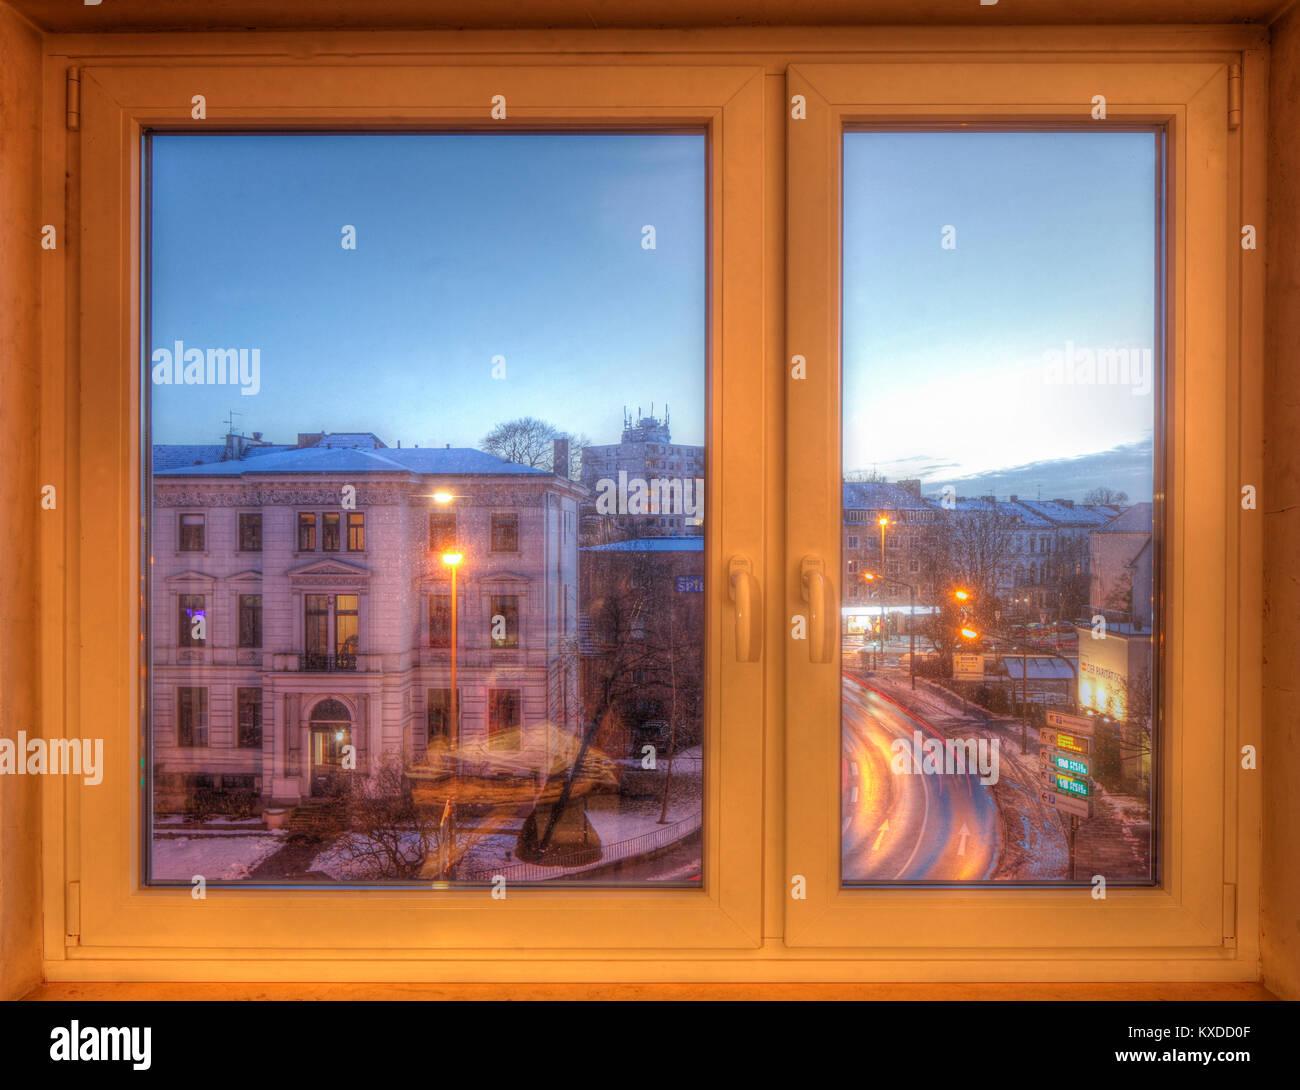 Blick Durch Die Fenster Von Innen Auf Verschneiten Straßen Und Häuser In Der  Abenddämmerung Geschlossen, Bremen, Deutschland